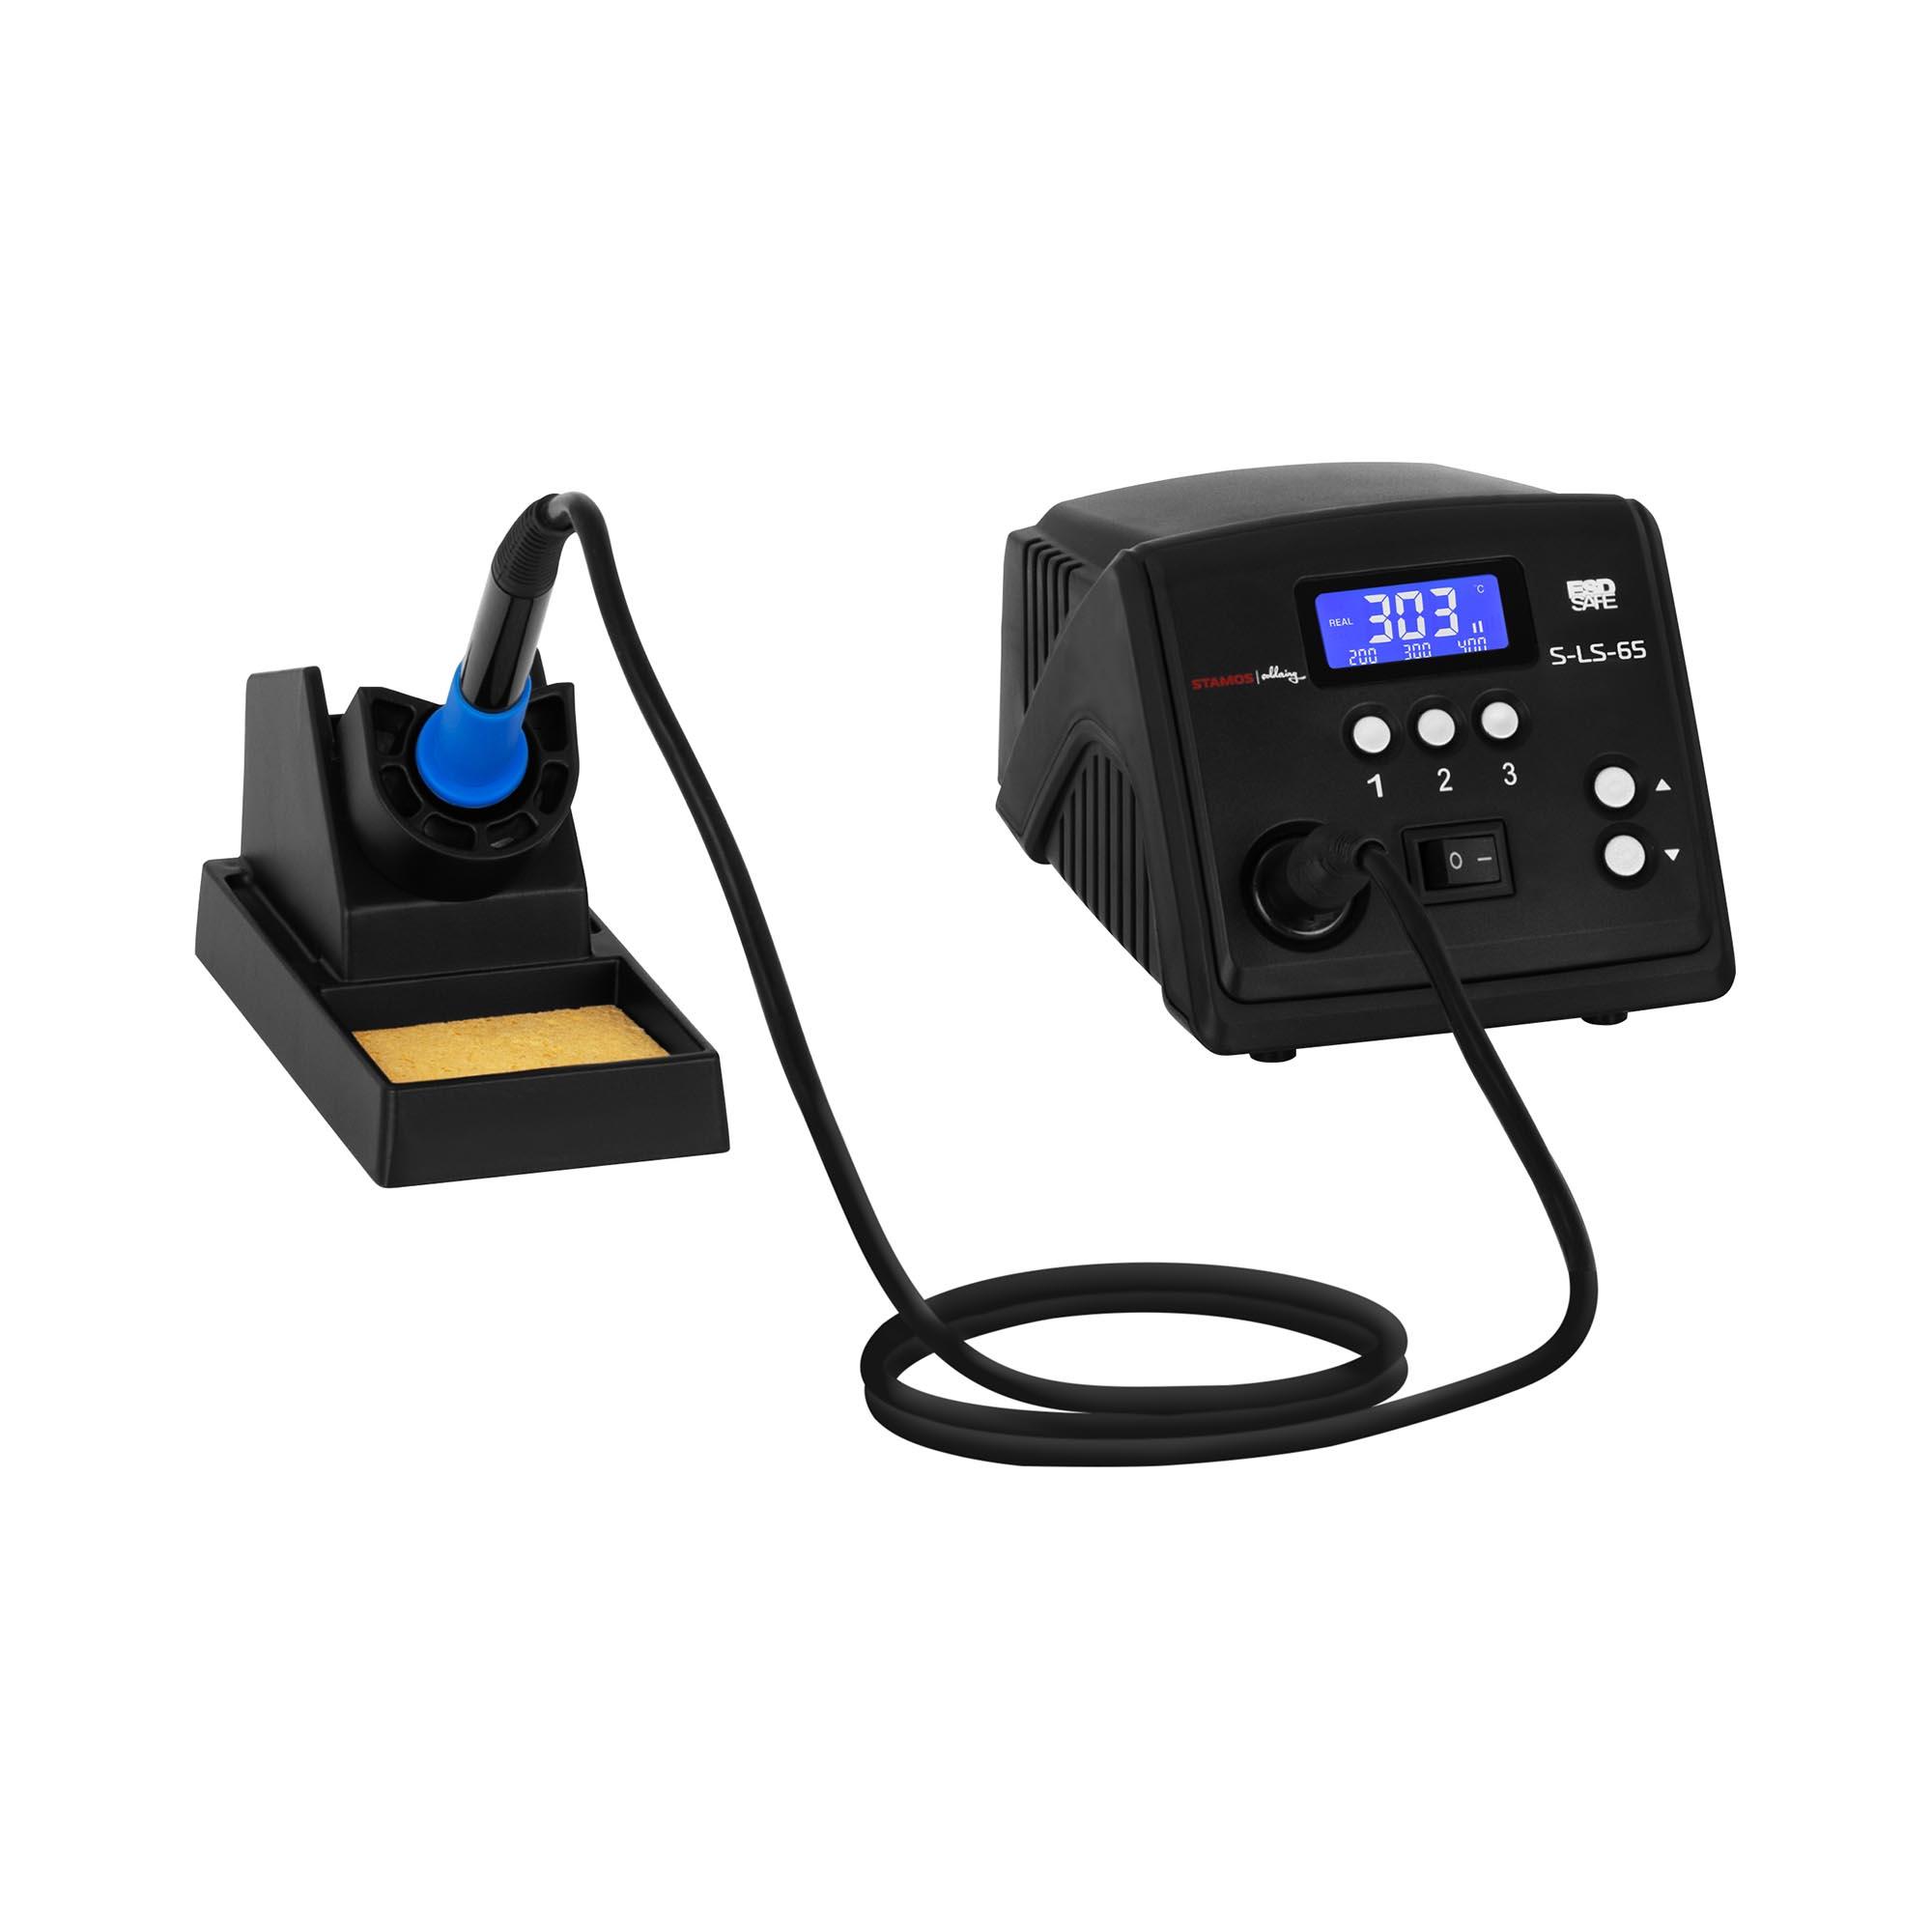 Stamos Soldering Lötstation - digital - mit Lötkolben und Lötkolbenablage - 60 W - LCD S-LS-65